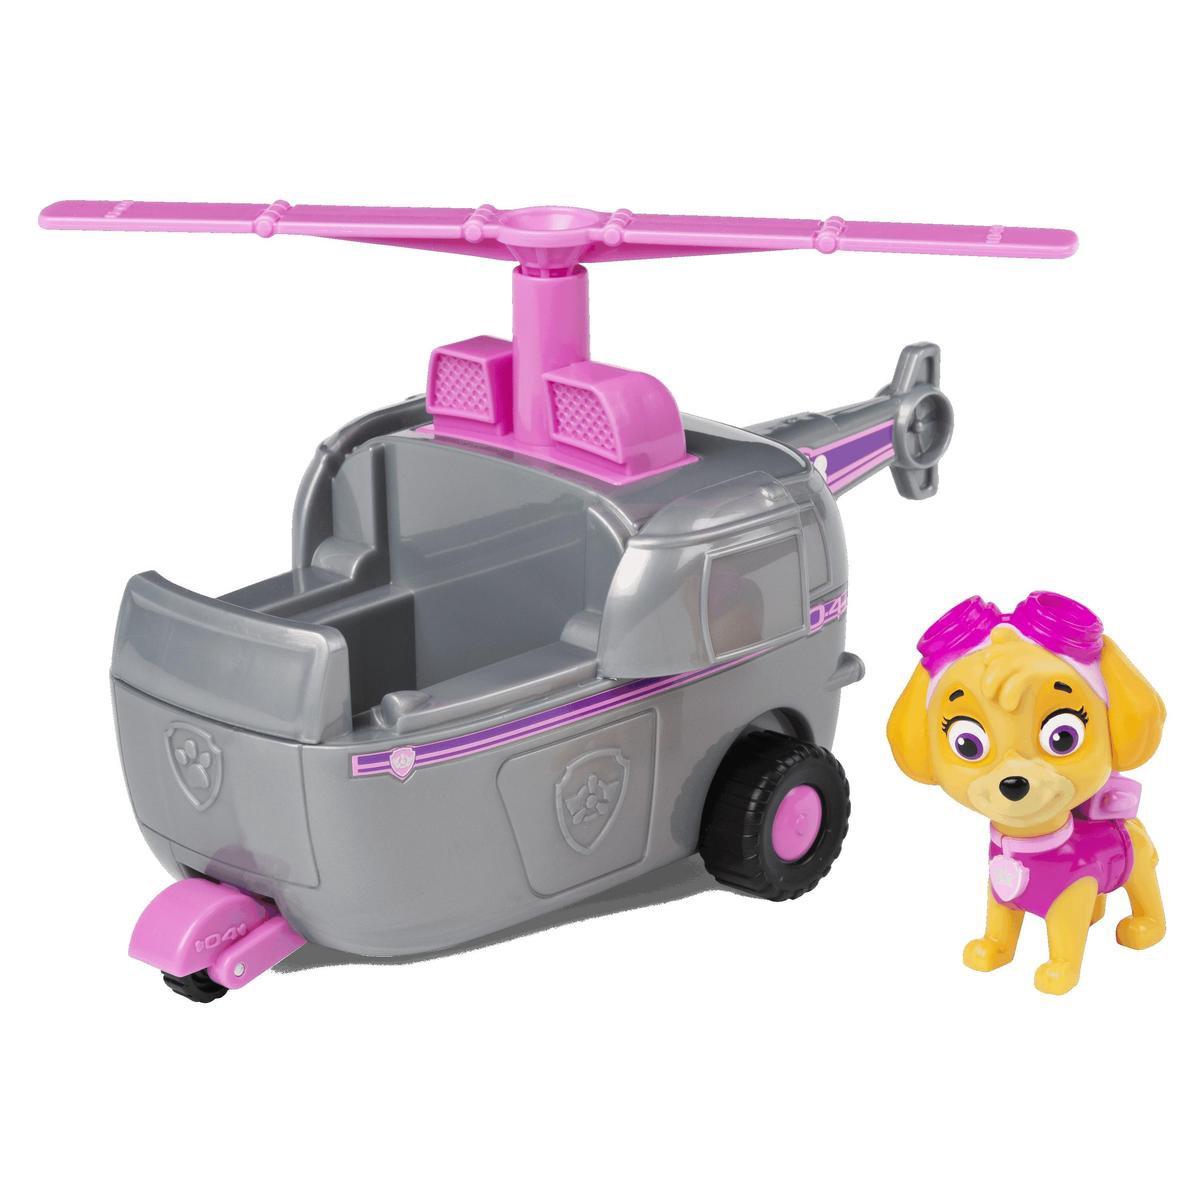 PAW Patrol helikopter met Skye